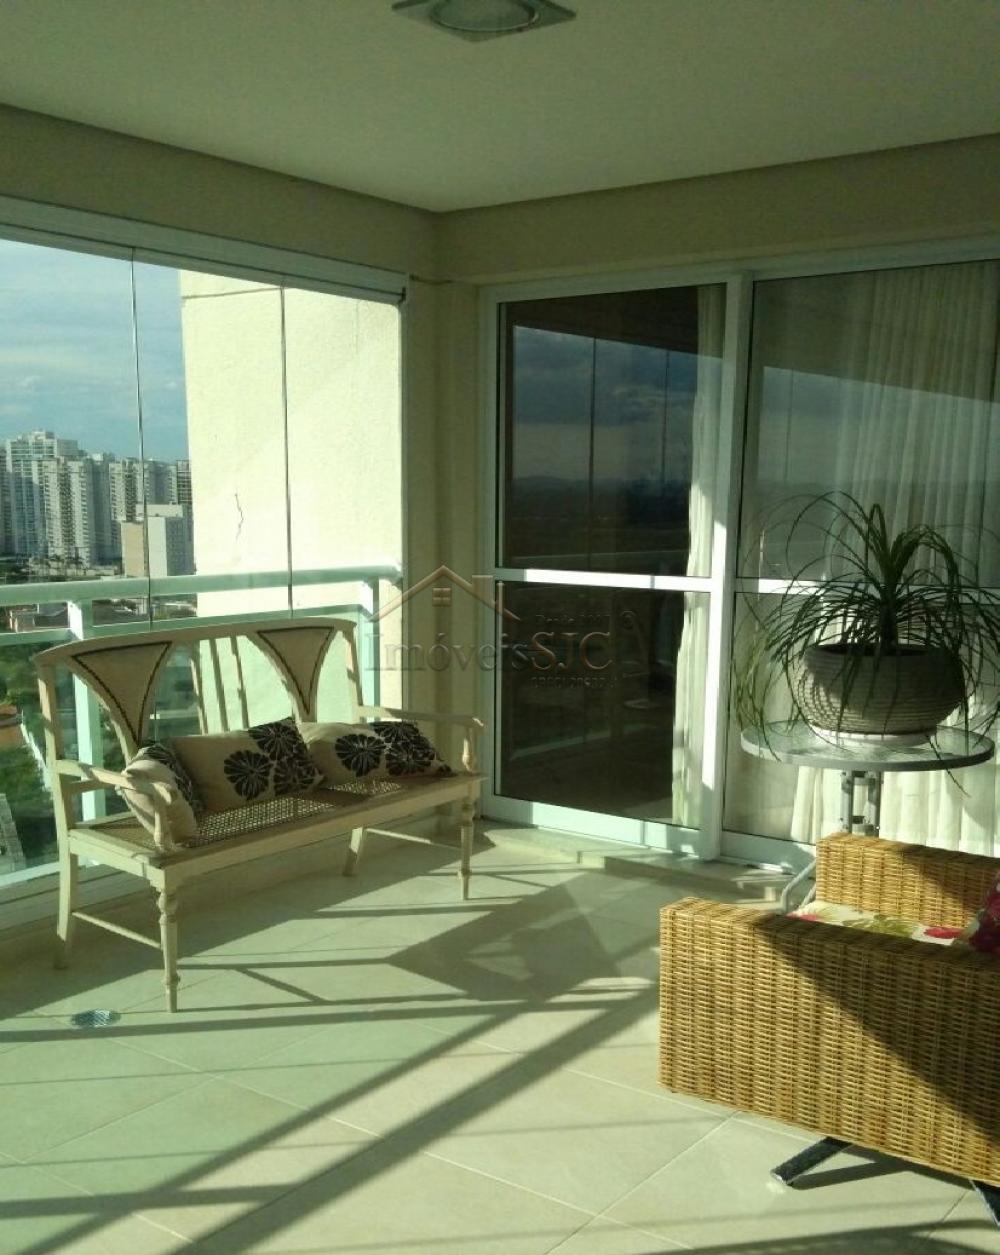 Comprar Apartamentos / Padrão em São José dos Campos apenas R$ 1.700.000,00 - Foto 16